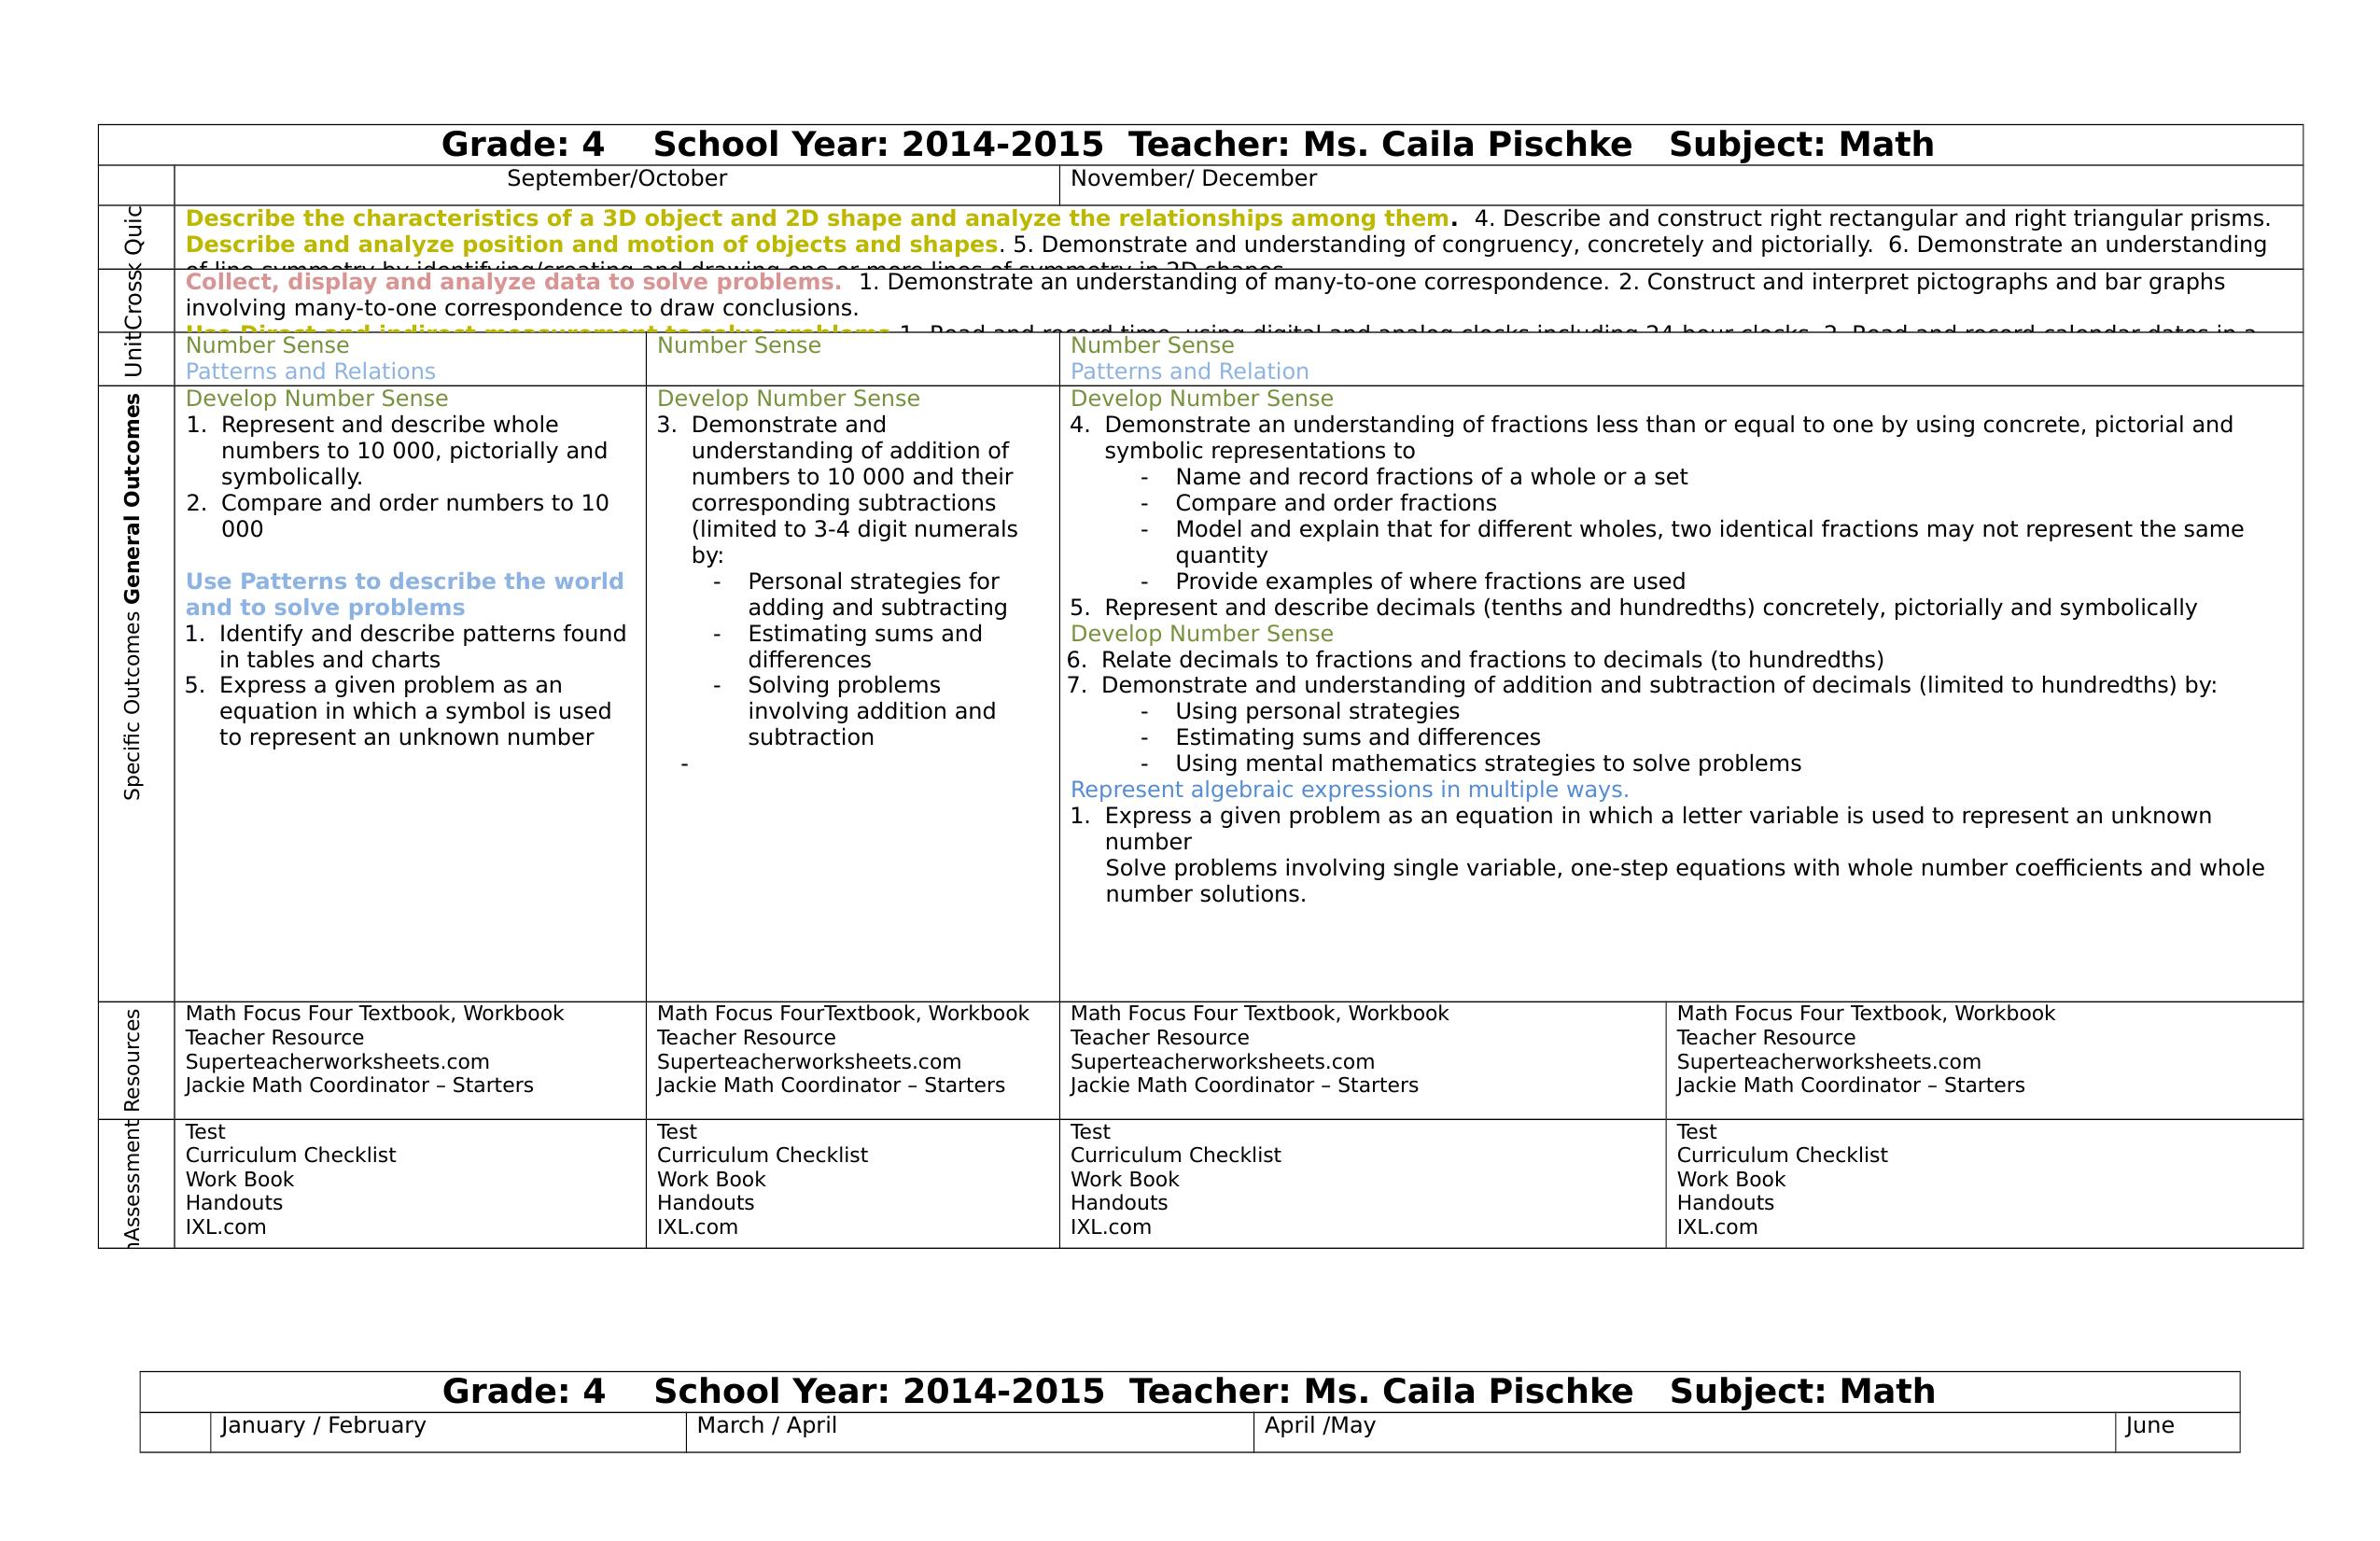 Grade 4 Math Long Range Plans Ninja Plans In 2021 Math Lesson Plans Math Curriculum 1st Grade Math [ 1651 x 2550 Pixel ]